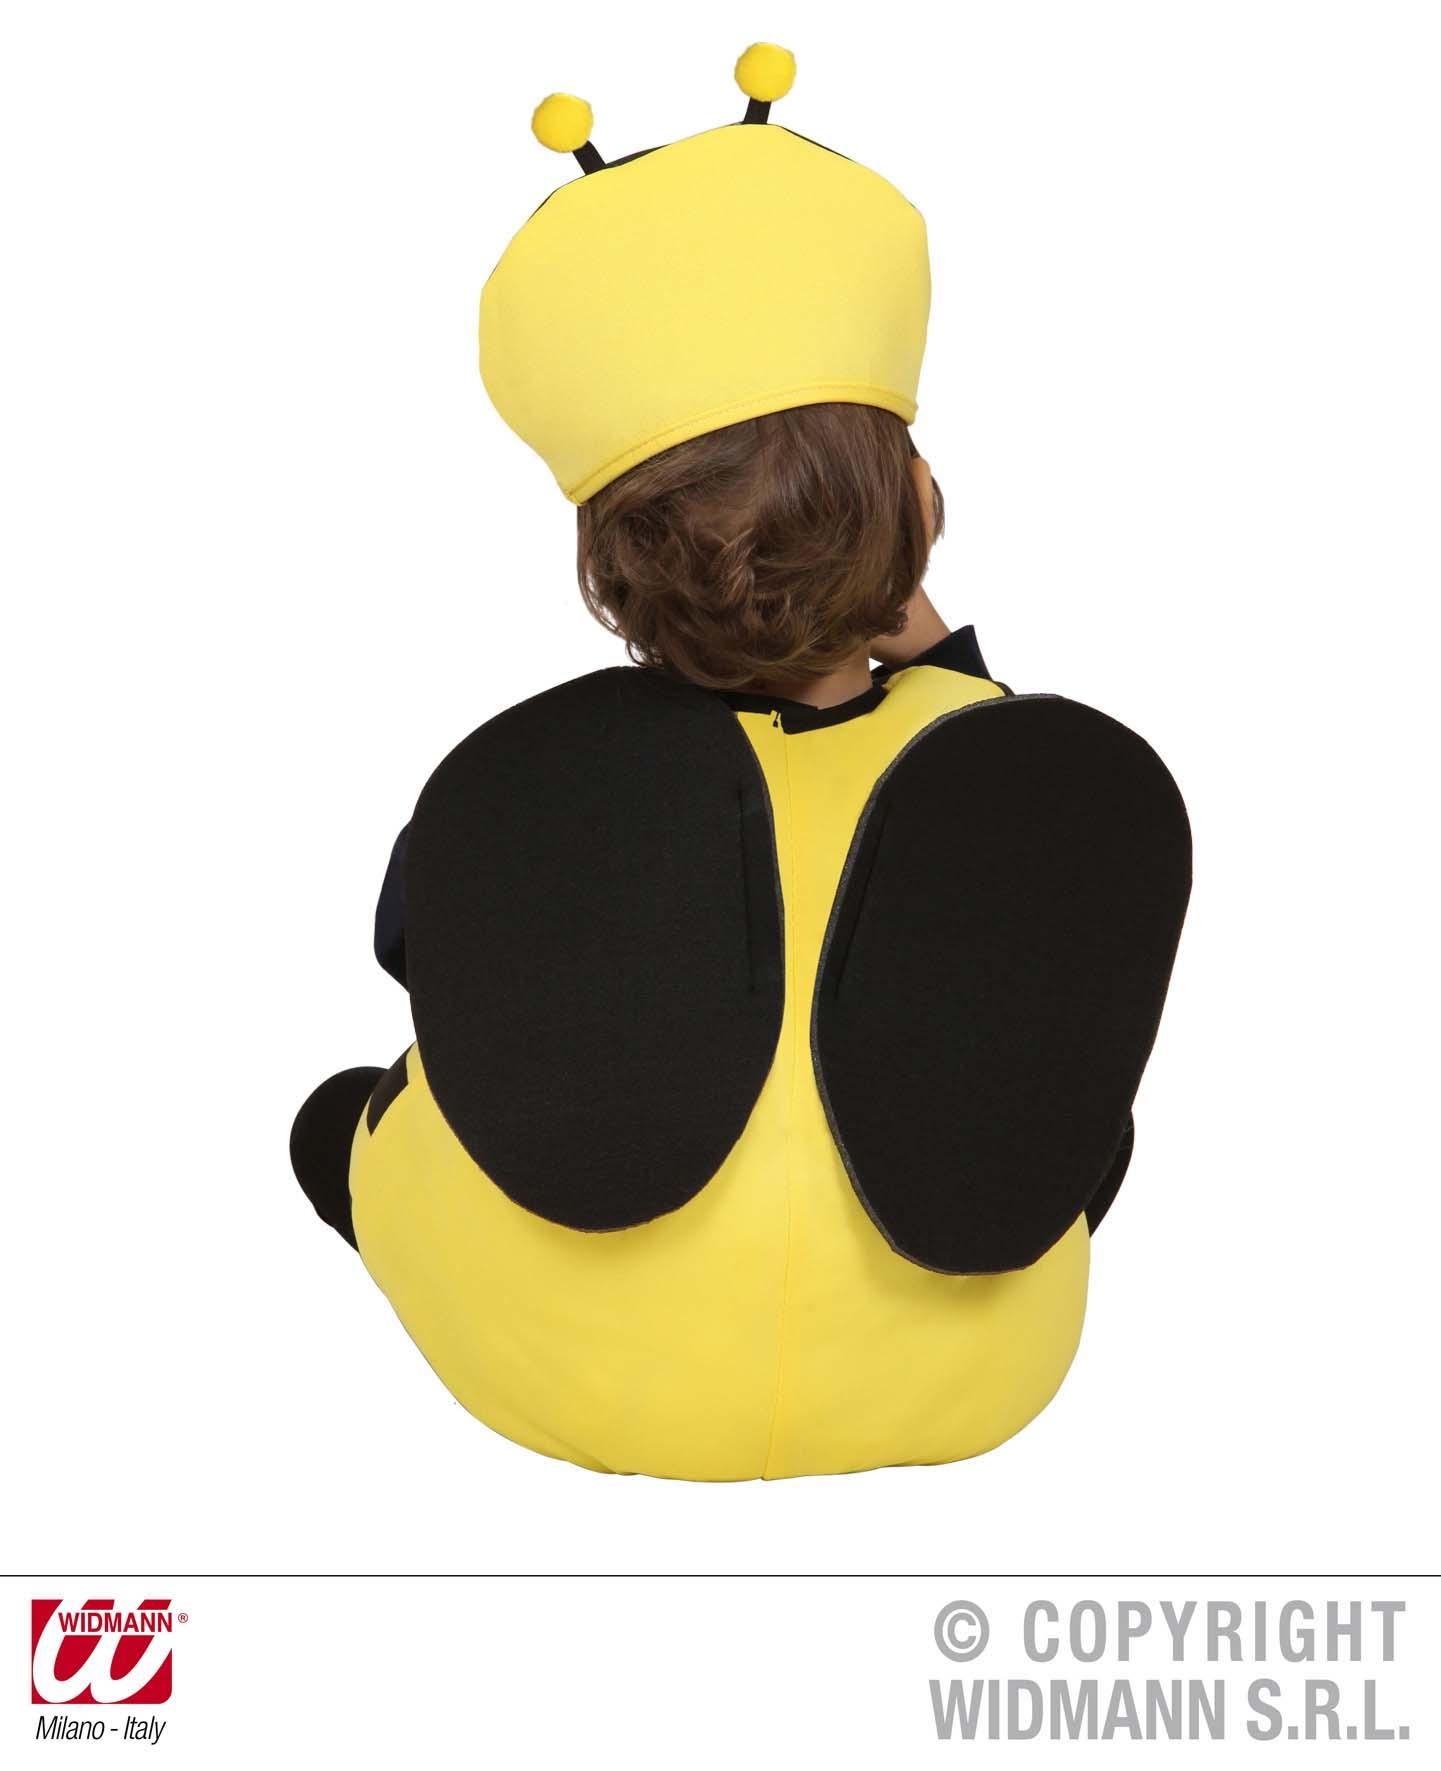 2 tlg. Kostüm Bienen, Kinder Kleinkinder 80-86, 1-2 Jahre,Karneval 1891